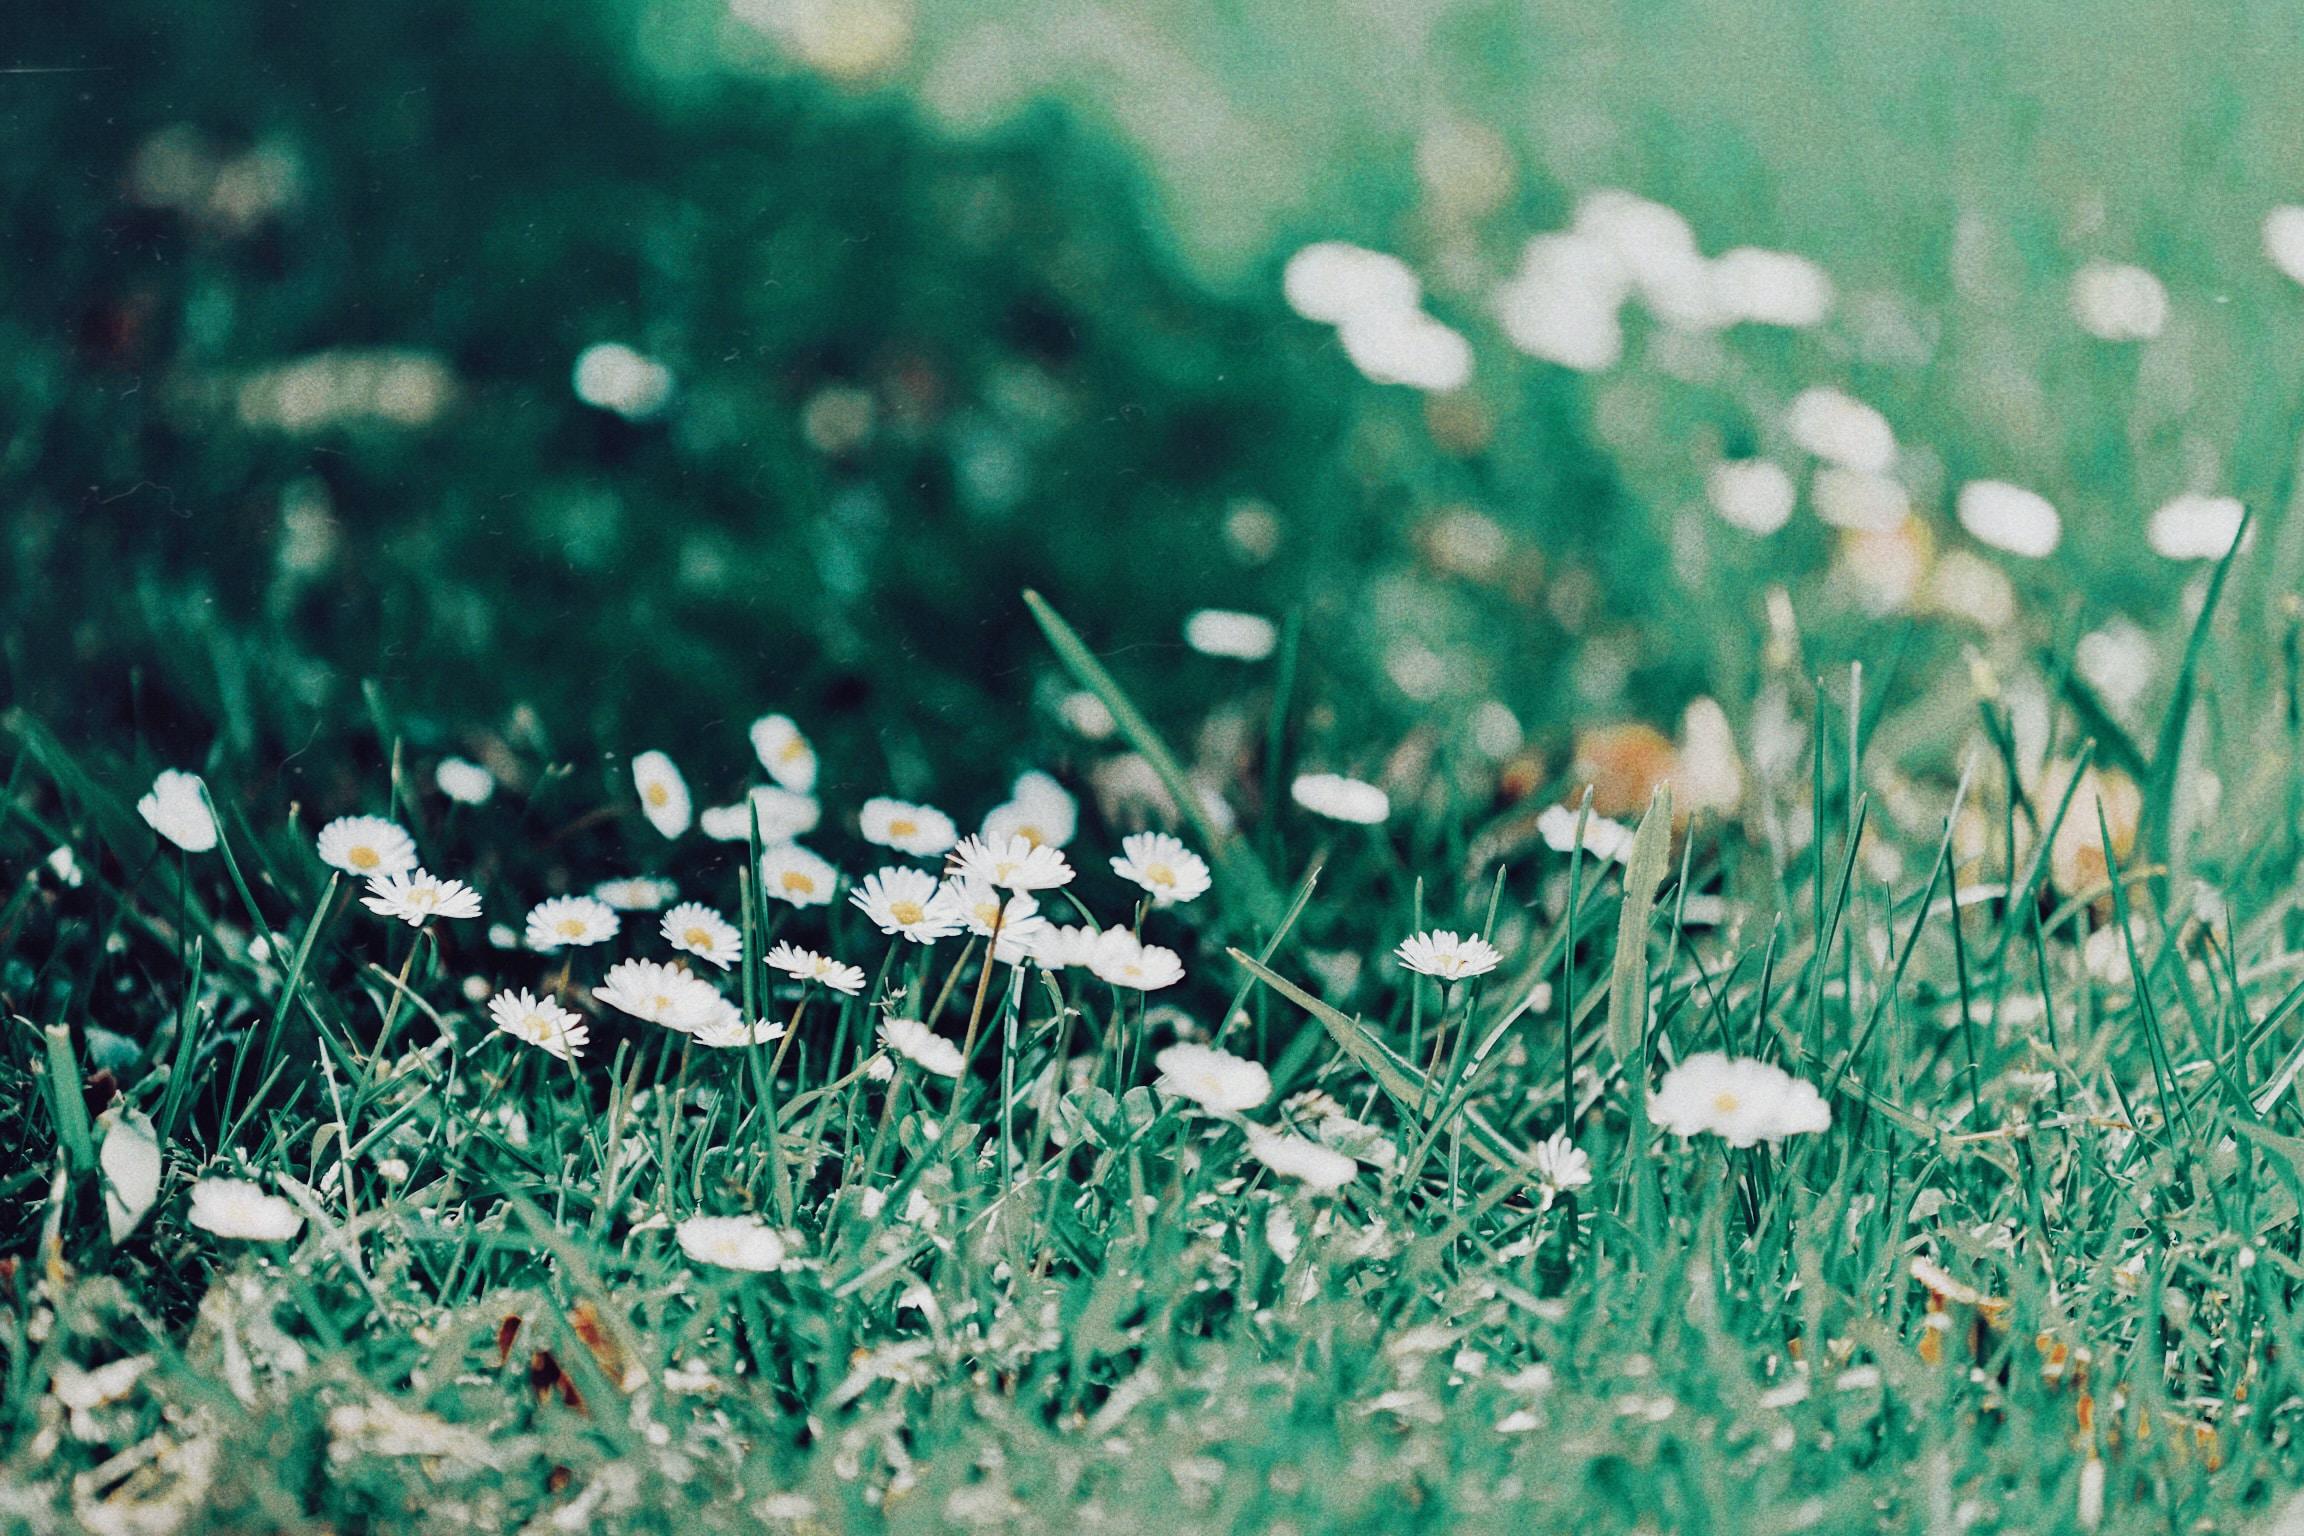 Dasiy flower on grass